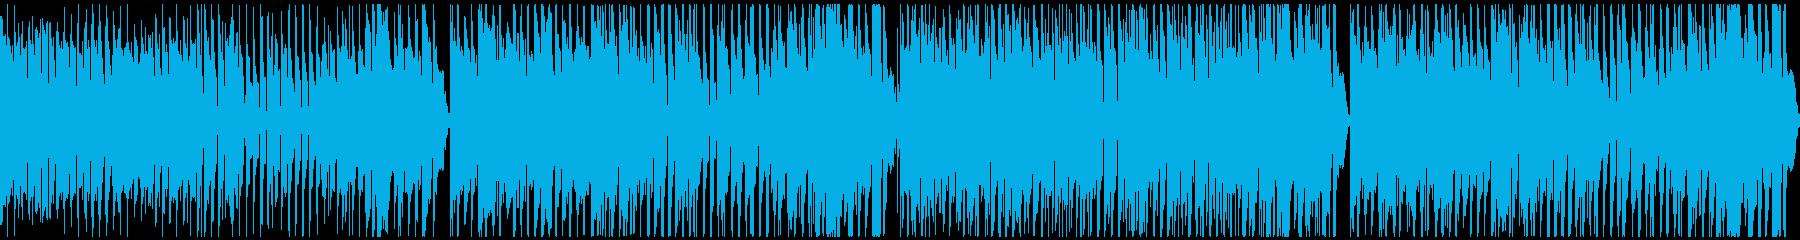 明るく楽しい元気な曲:ループ対応の再生済みの波形